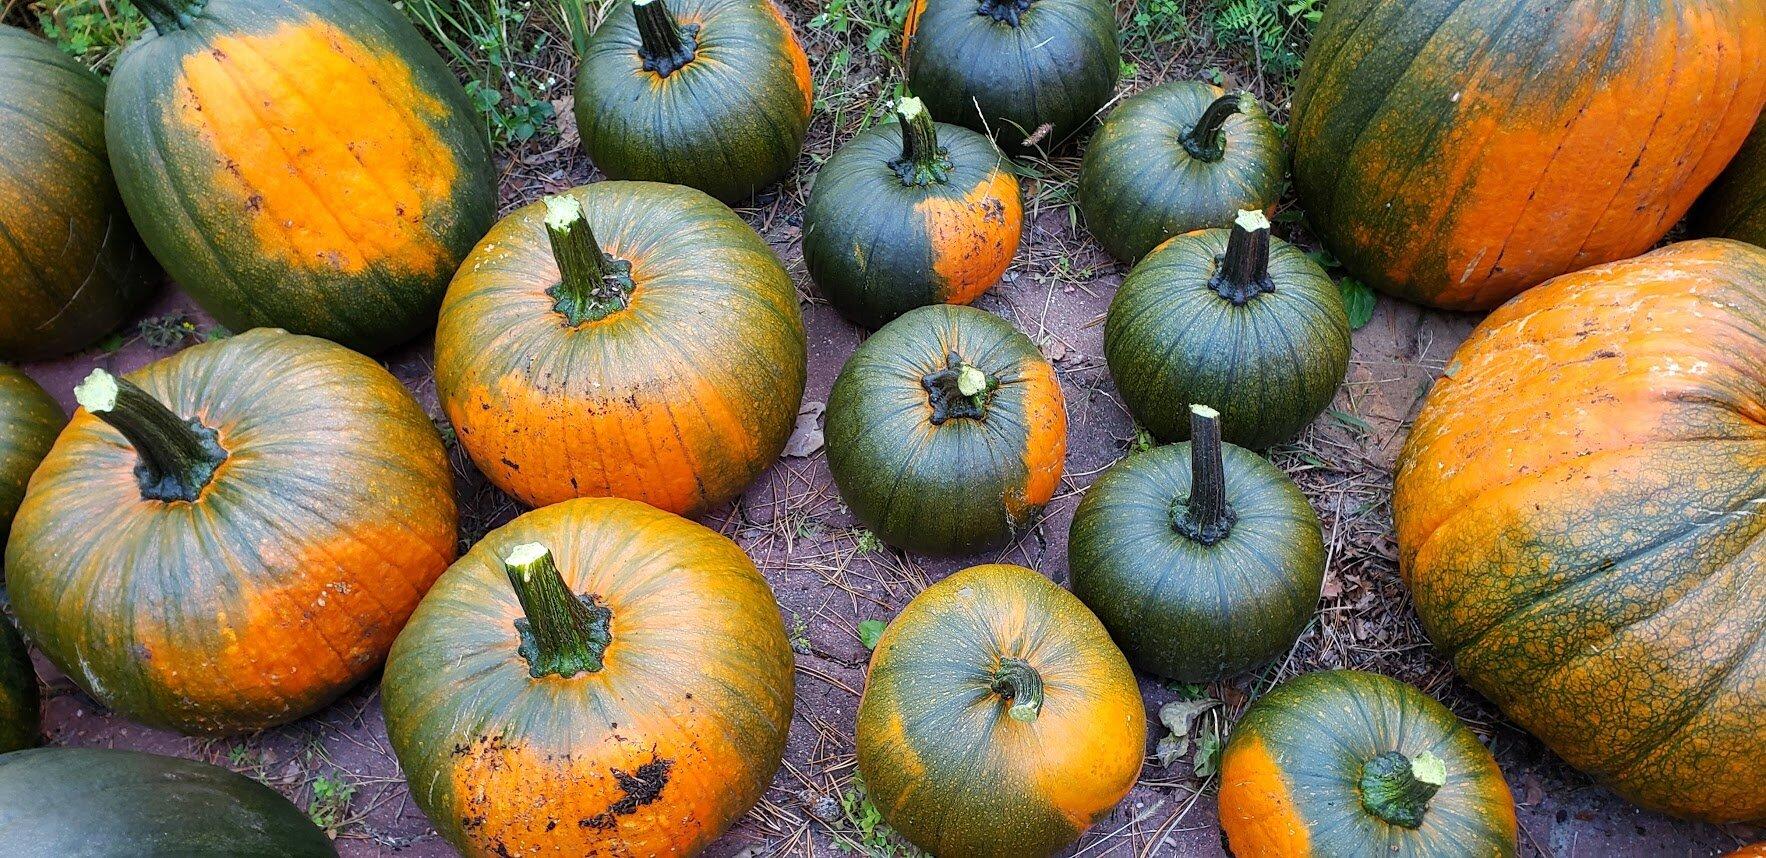 pumpkins 2019 12.jpg